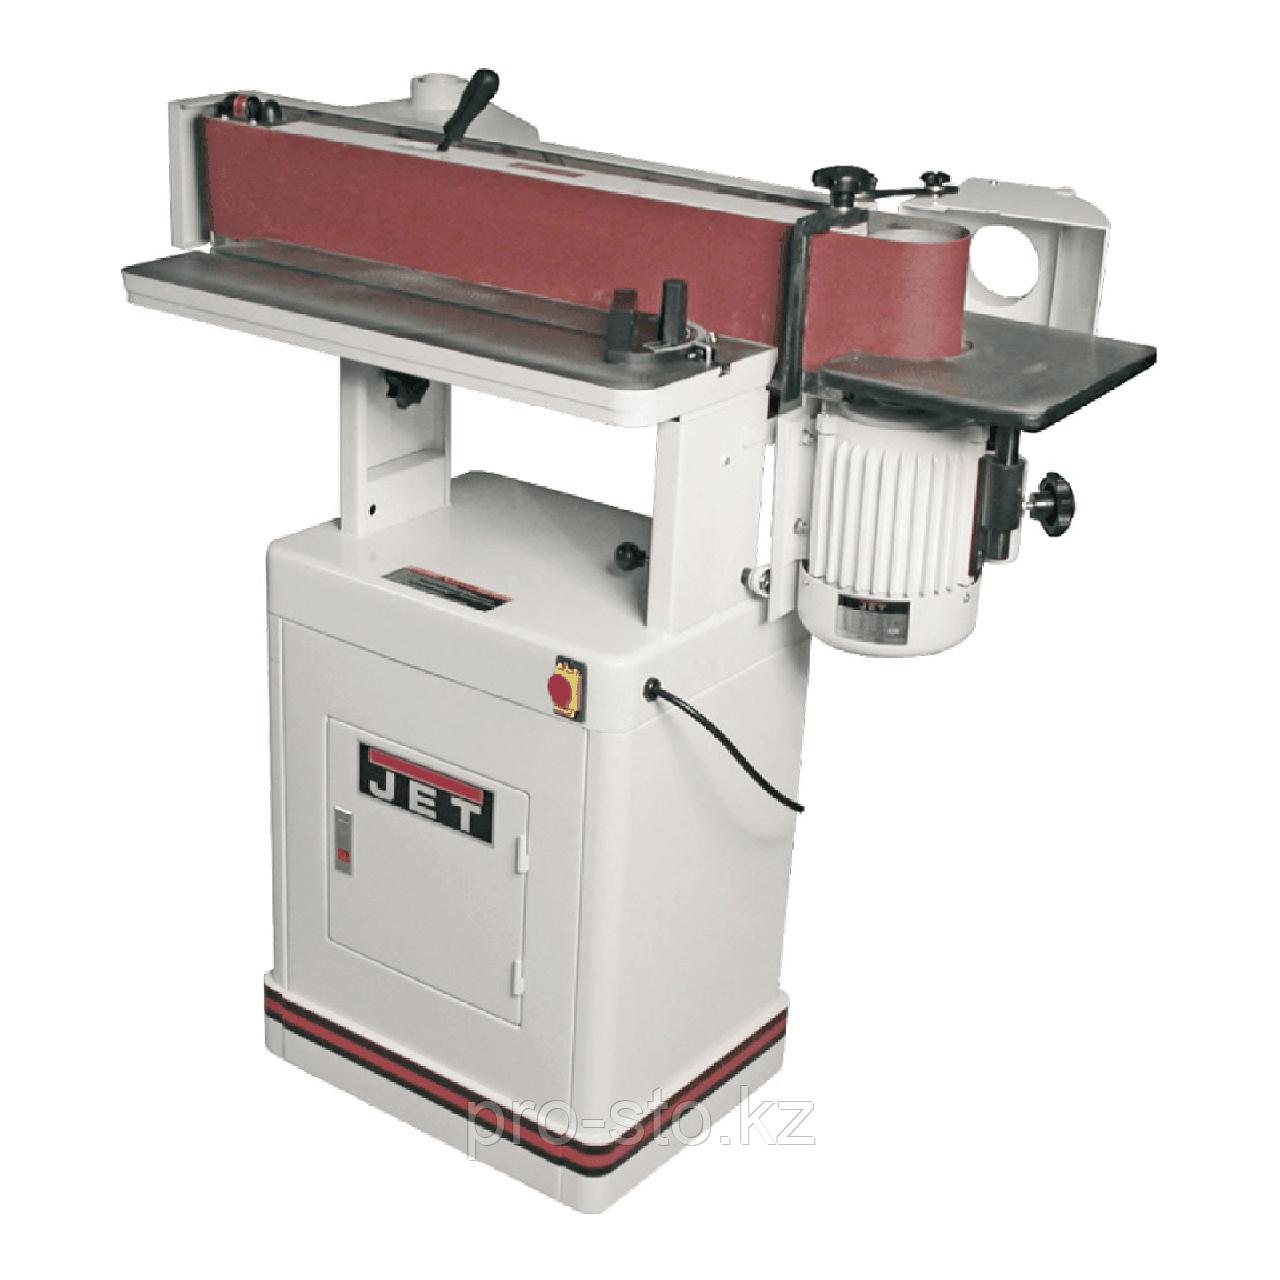 Станок для шлифования кантов с осцилляцией OES-80CS (400B)